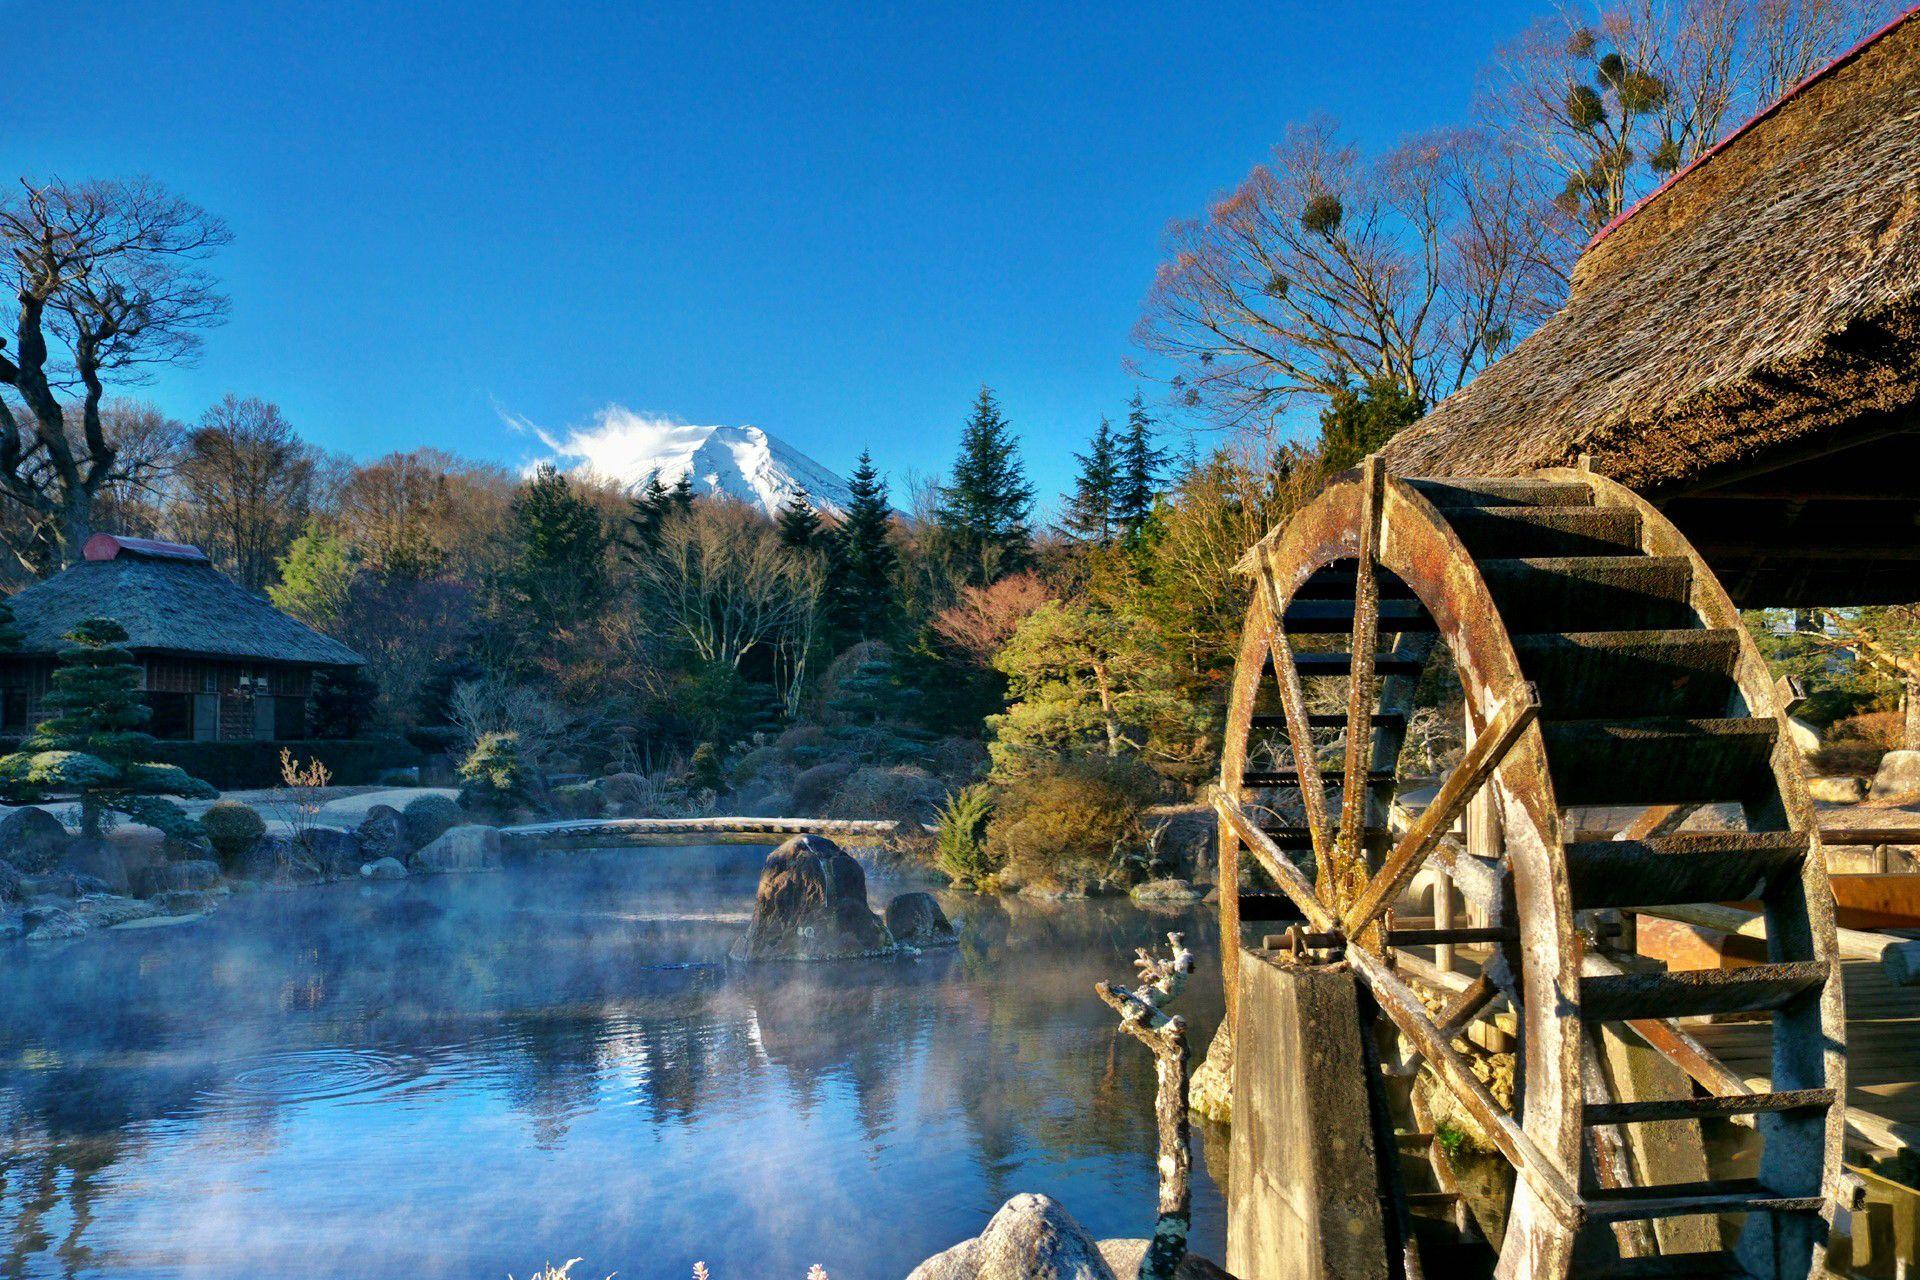 molino de agua bosque casa río de montaña armonía hermosa reflexión